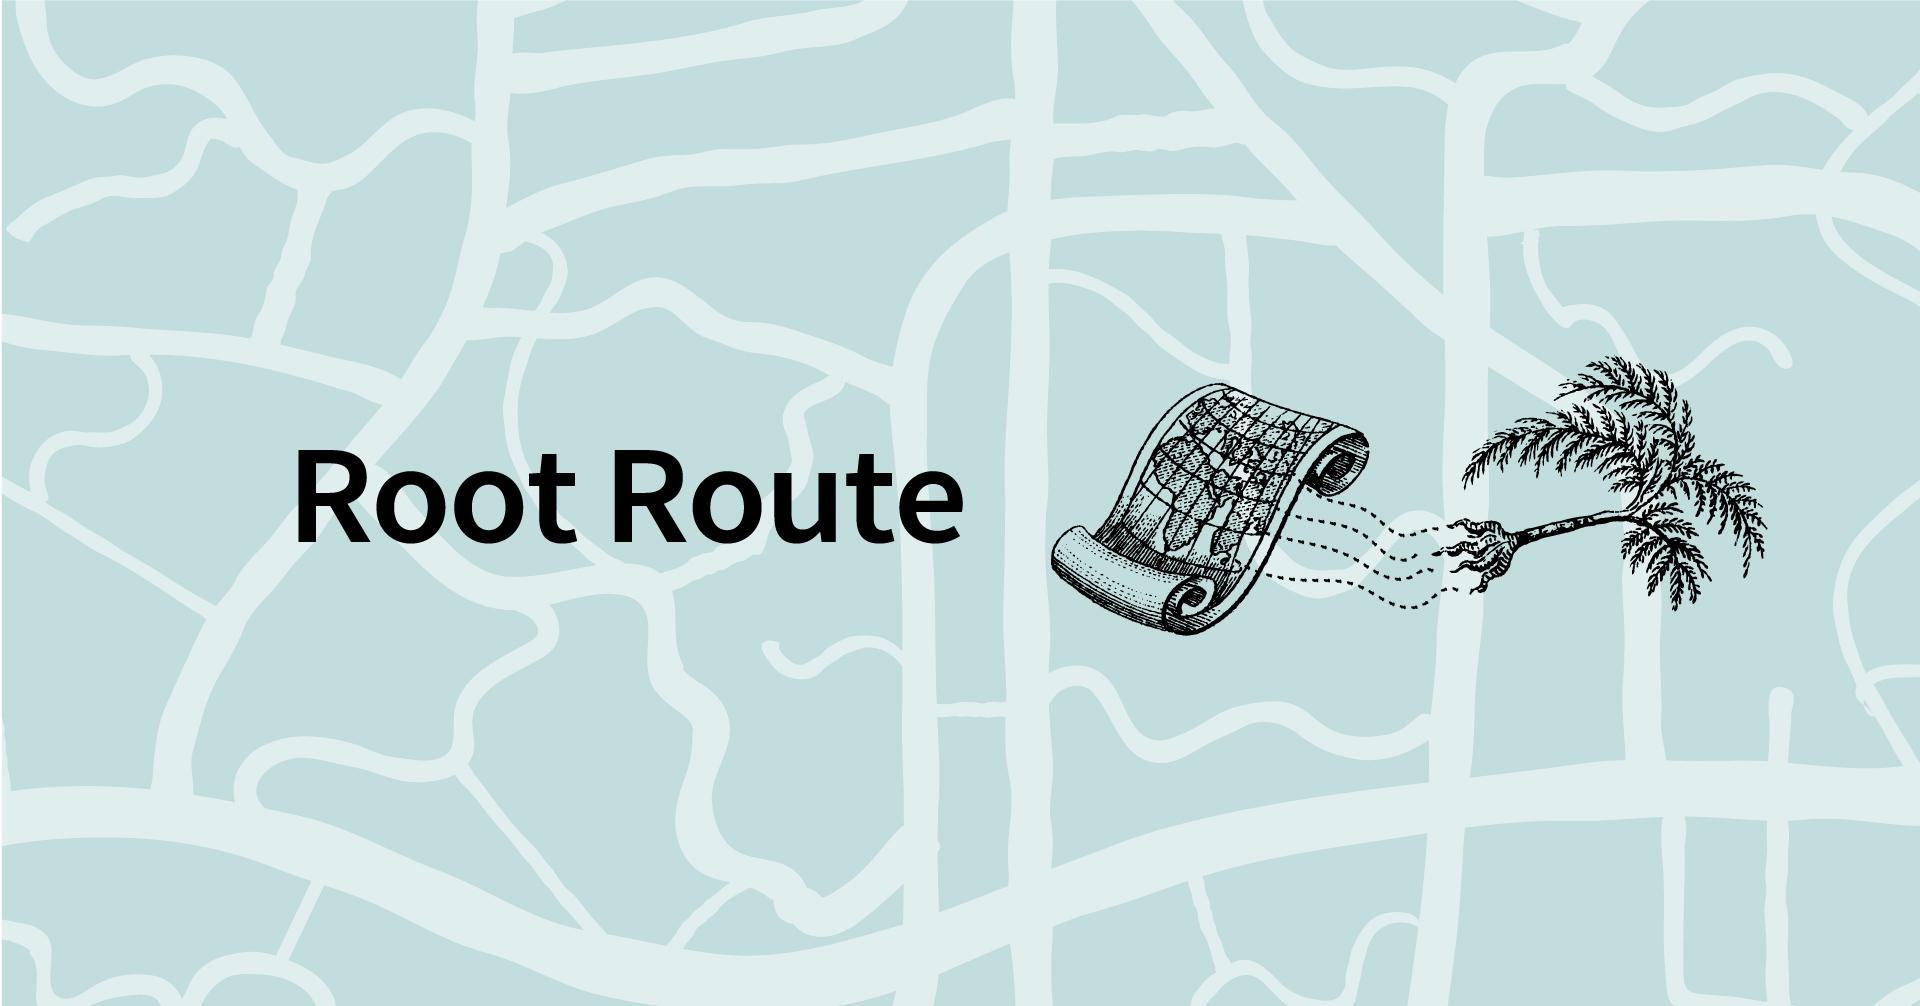 Root Route ー 旅ノ根 マッピング